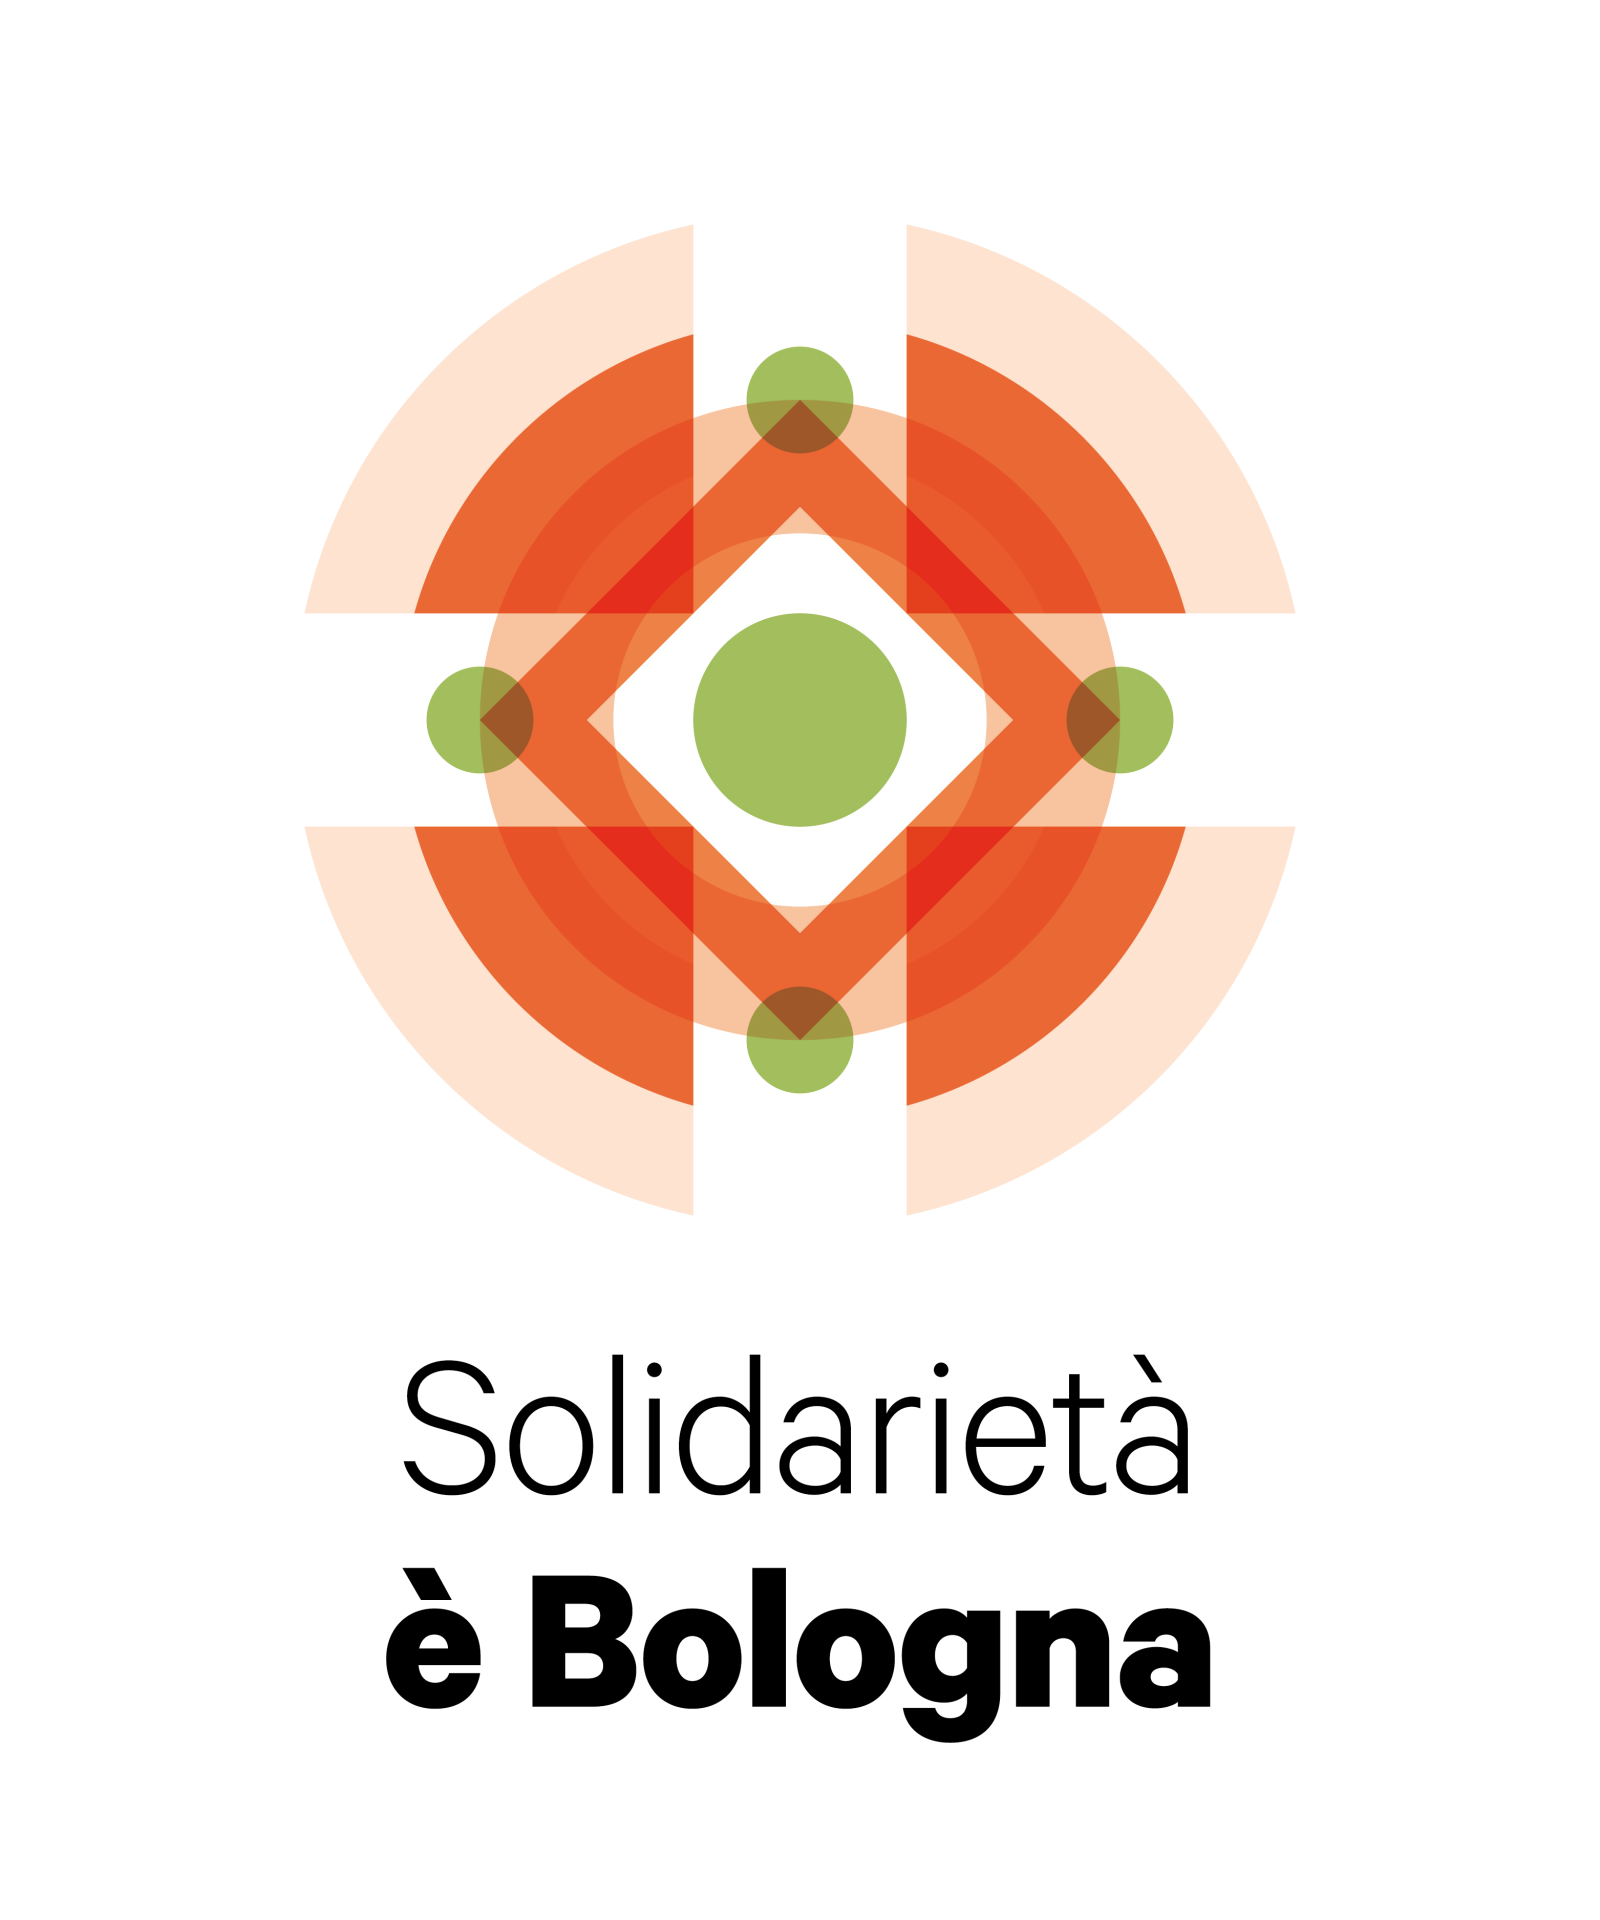 eu0300Bologna_Soli